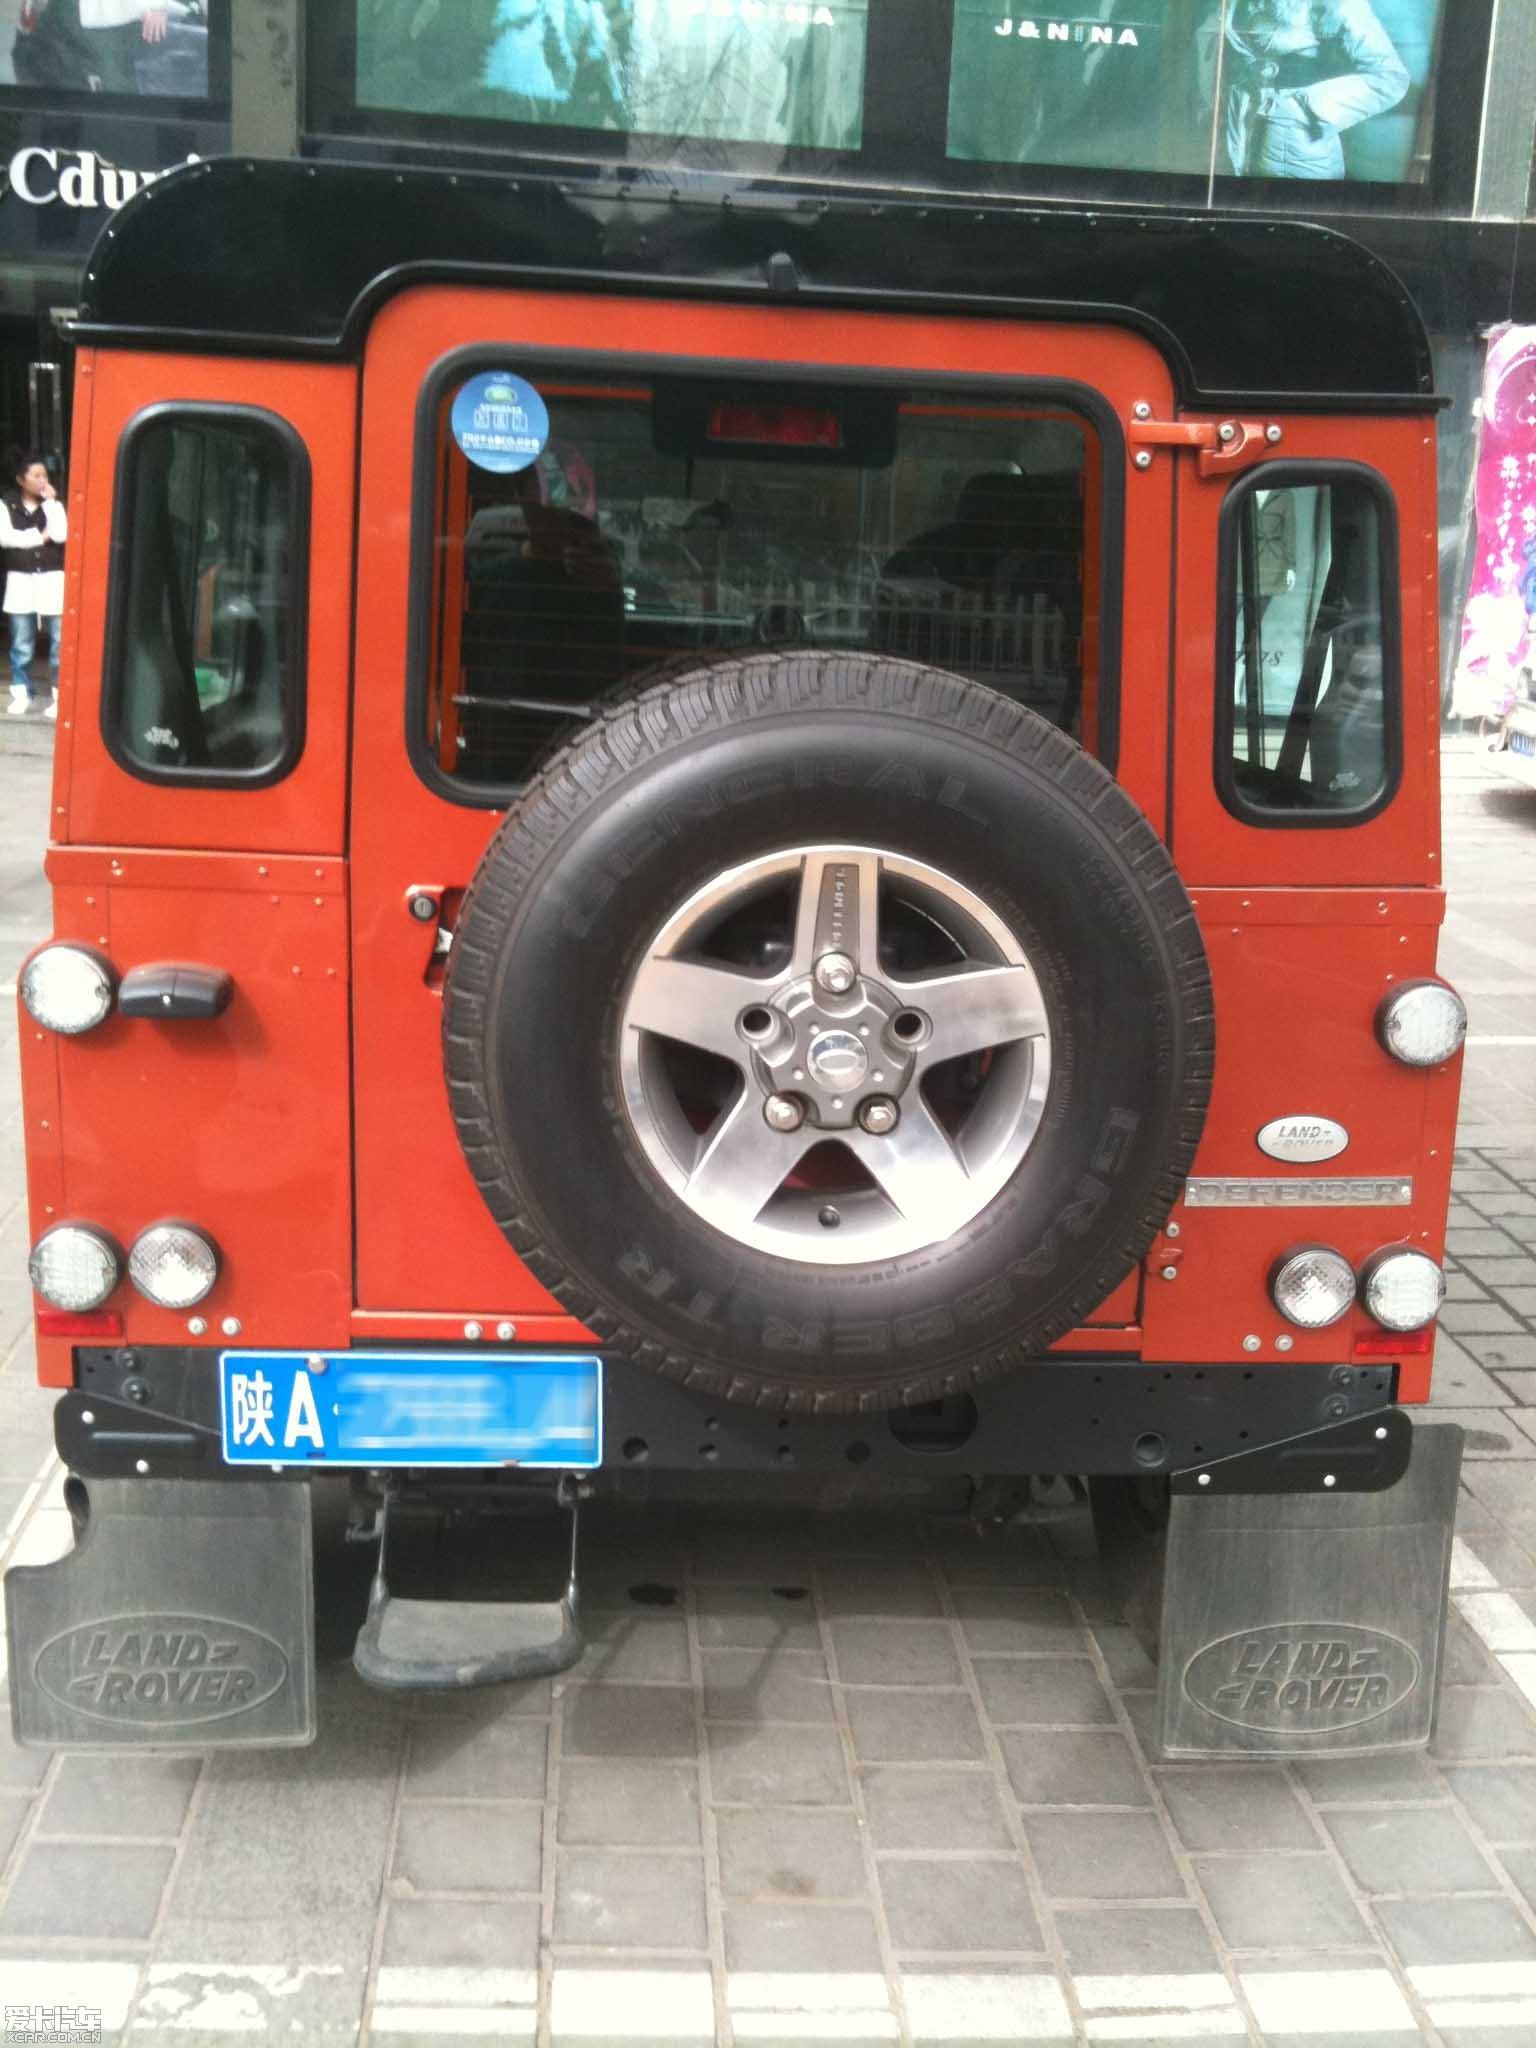 北京jeep了 貌似是路虎的冰火卫士吧 求解答 陕西汽车论坛 高清图片